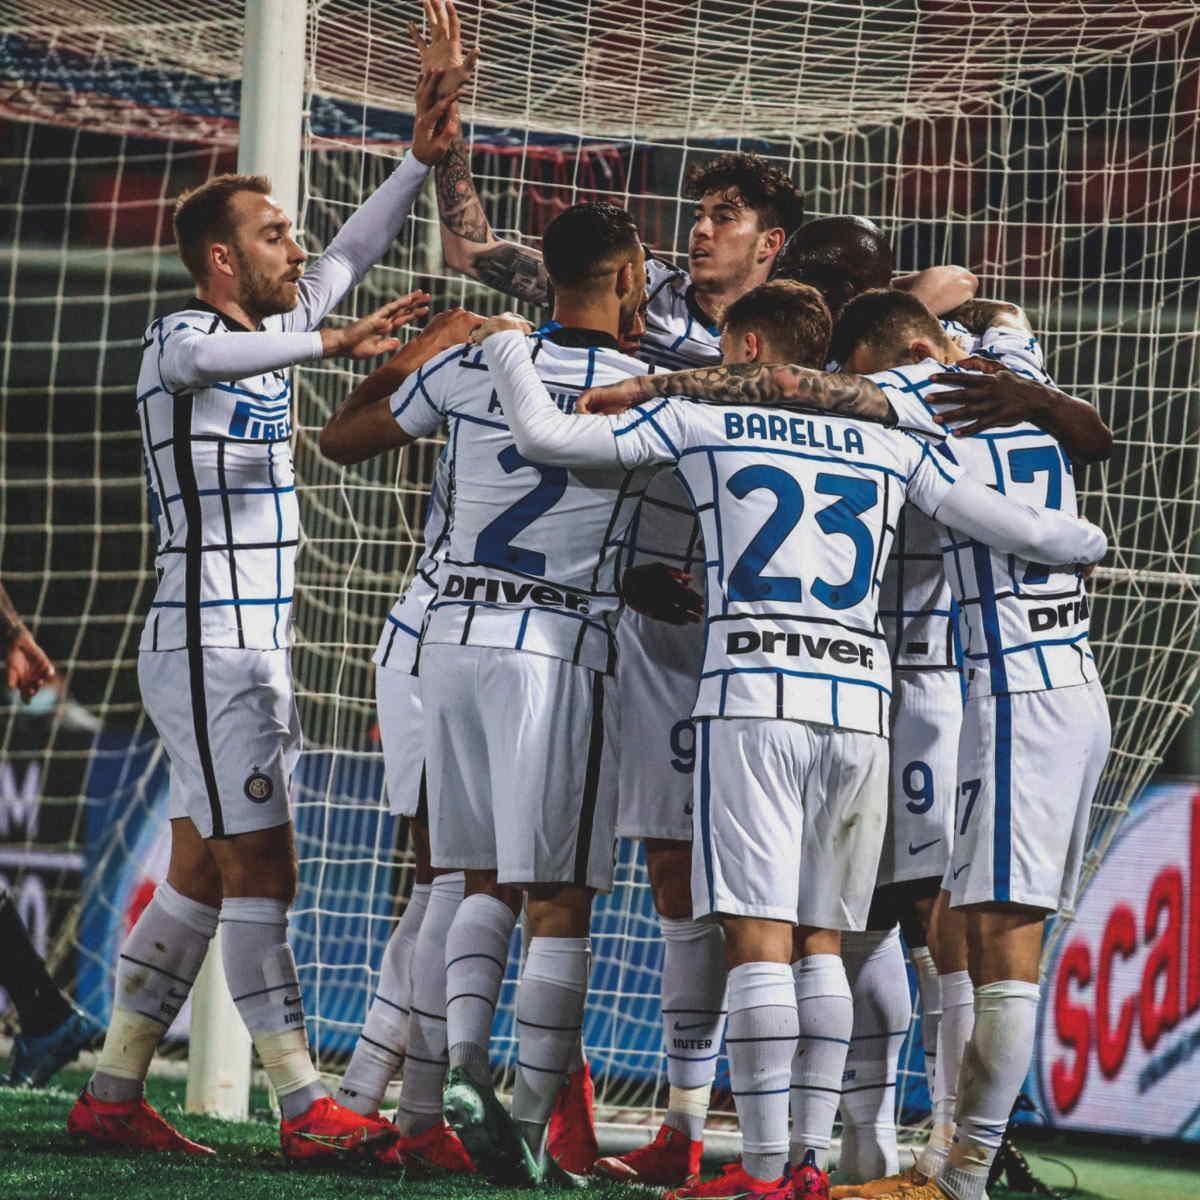 Per l'Inter è iniziata la marcia trionfale verso il 19esimo scudetto?